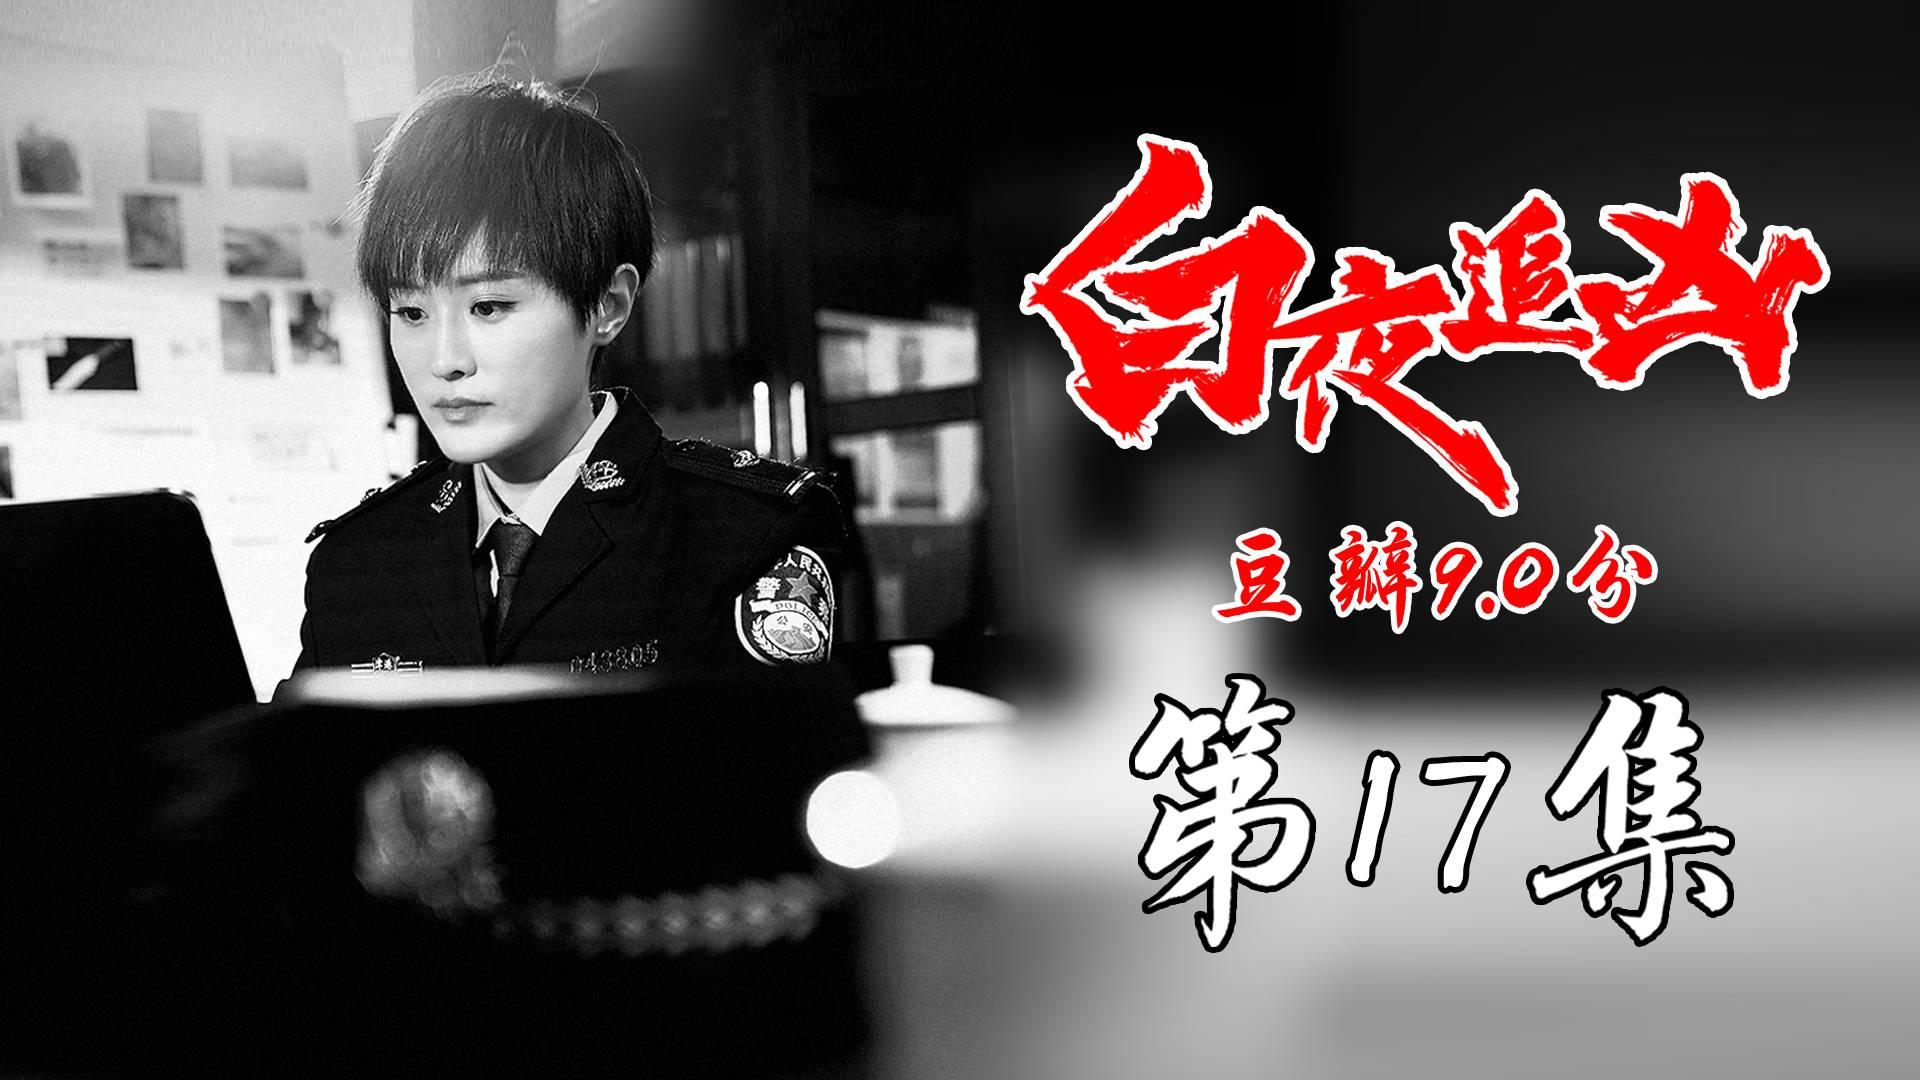 【白夜追凶17】:豆瓣9.0,连环乌龙绑架案,富二代欲迷晕美女反遭计算